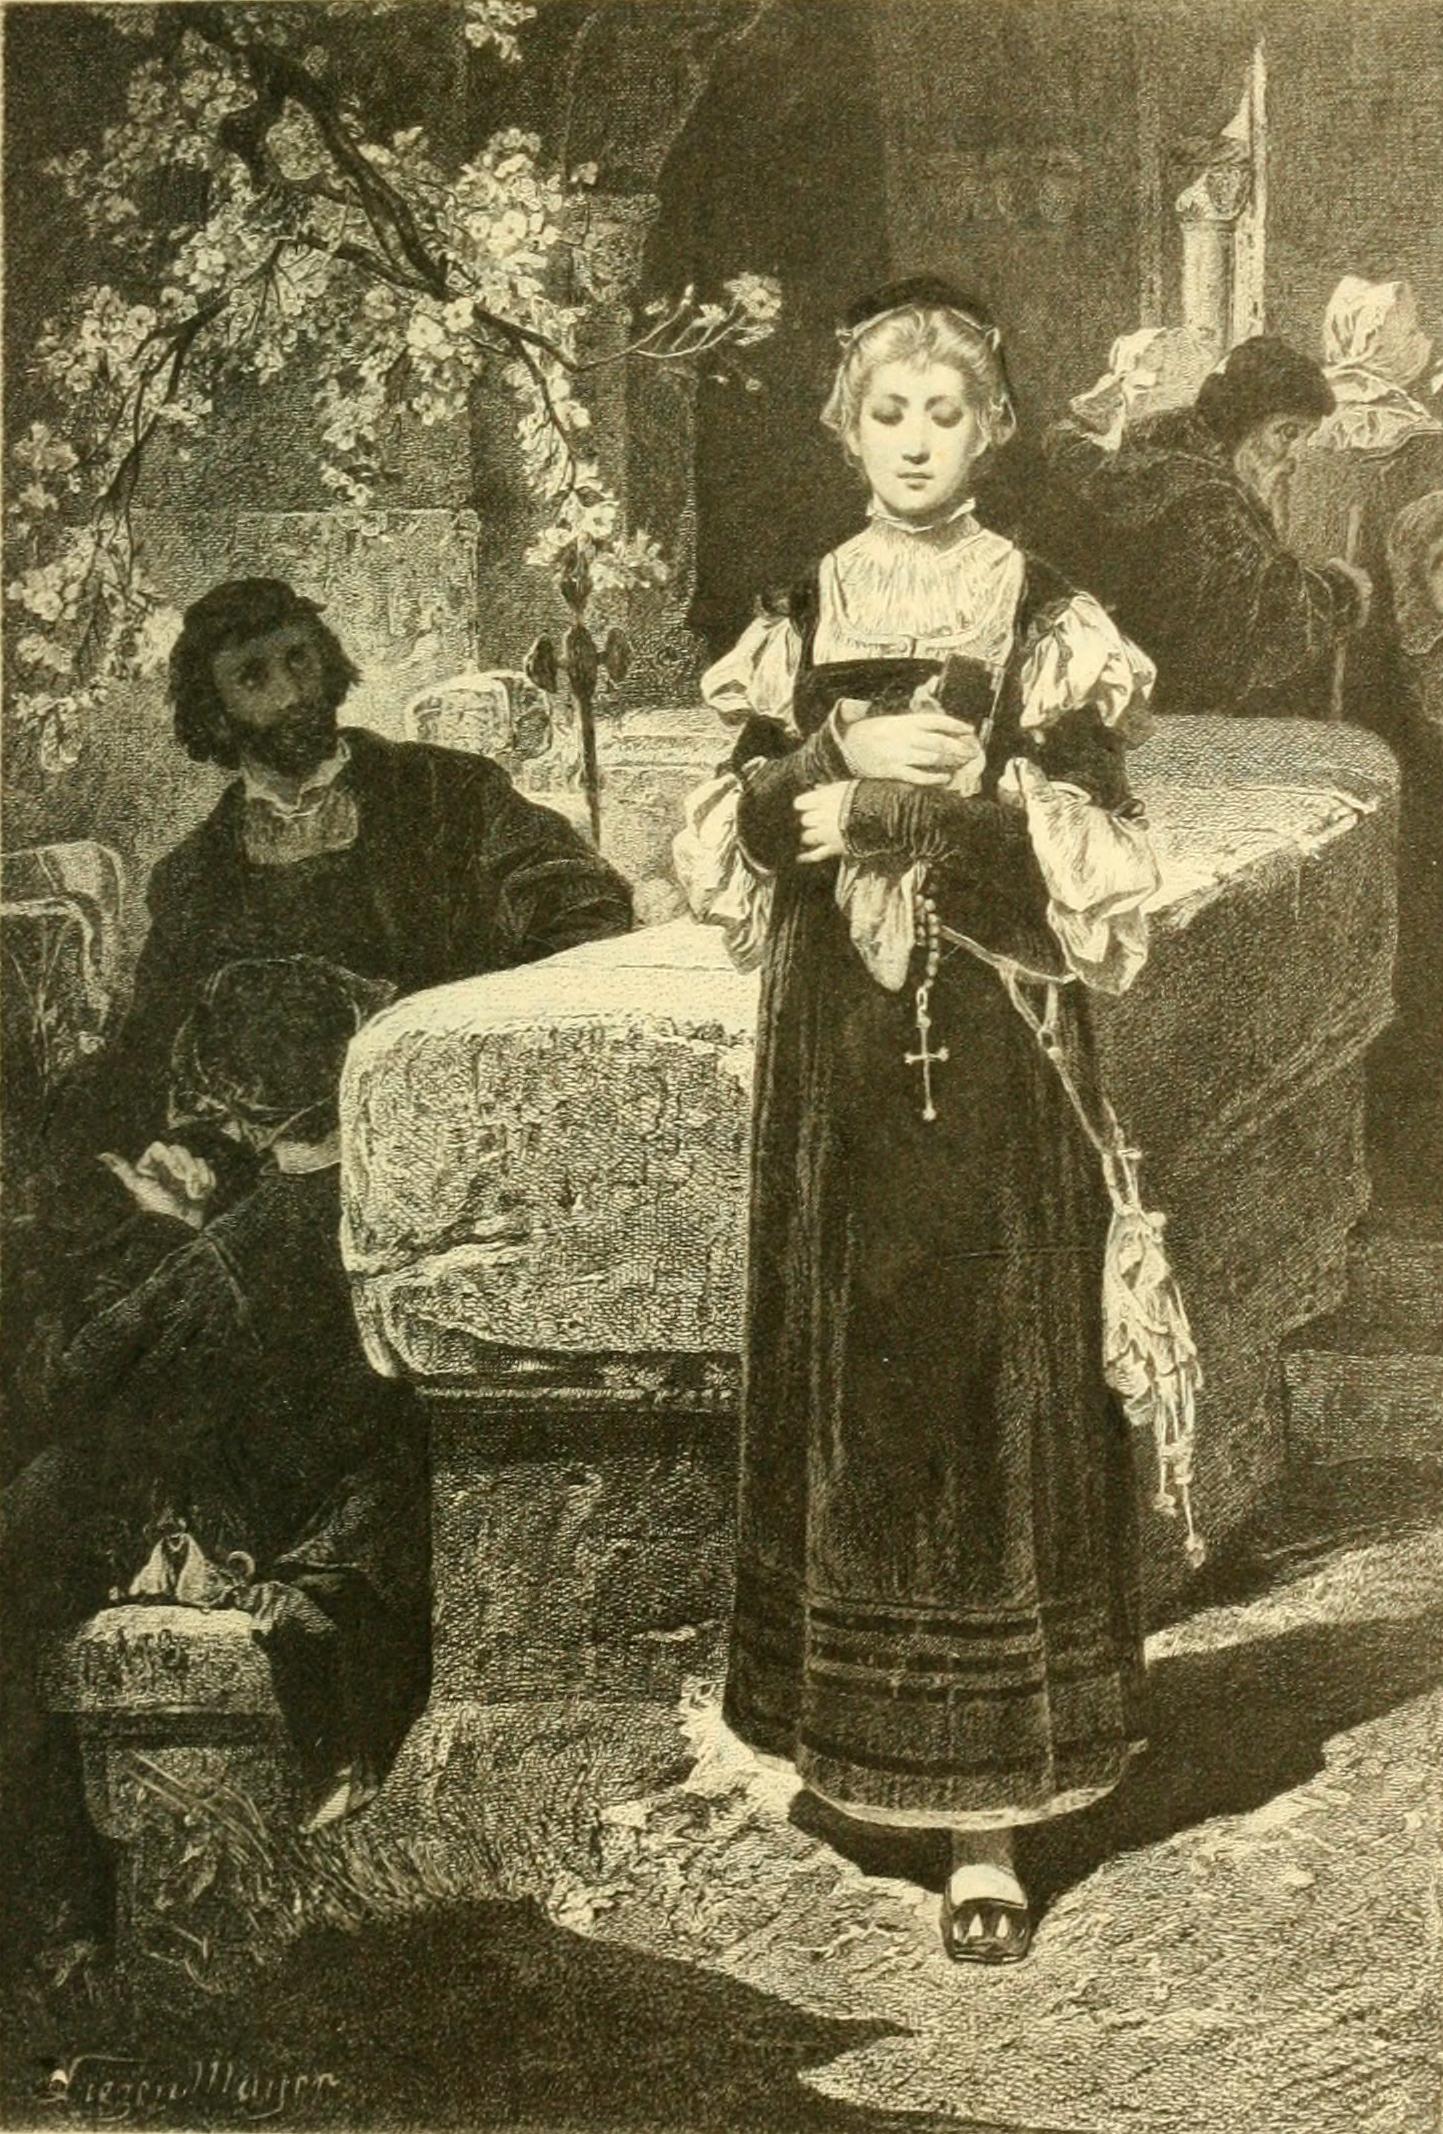 female escort reading